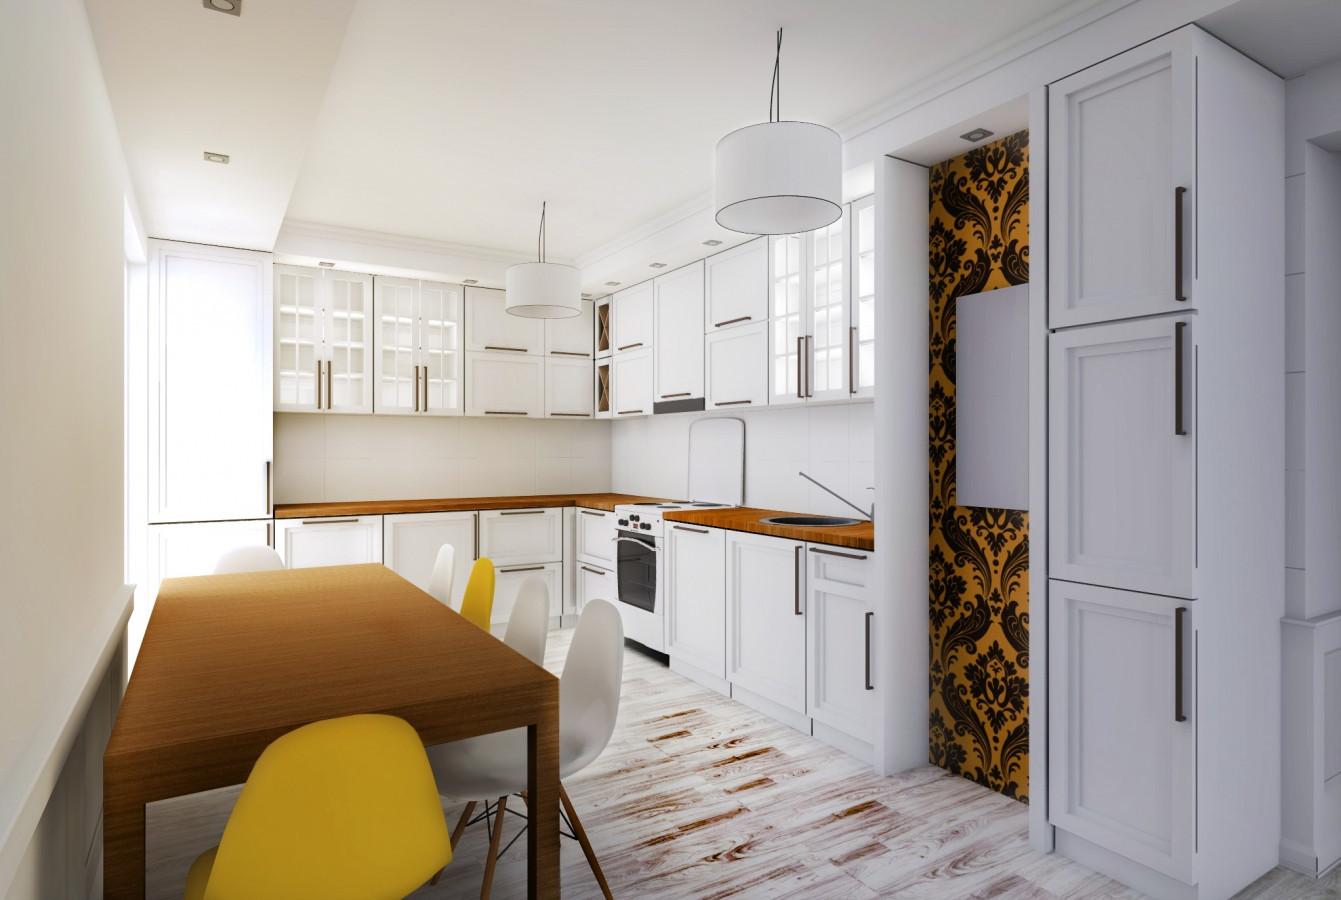 Namo interjero vizualizacija2. Virtuvė. Suprojektavau virtuvės baldų komplektą :)